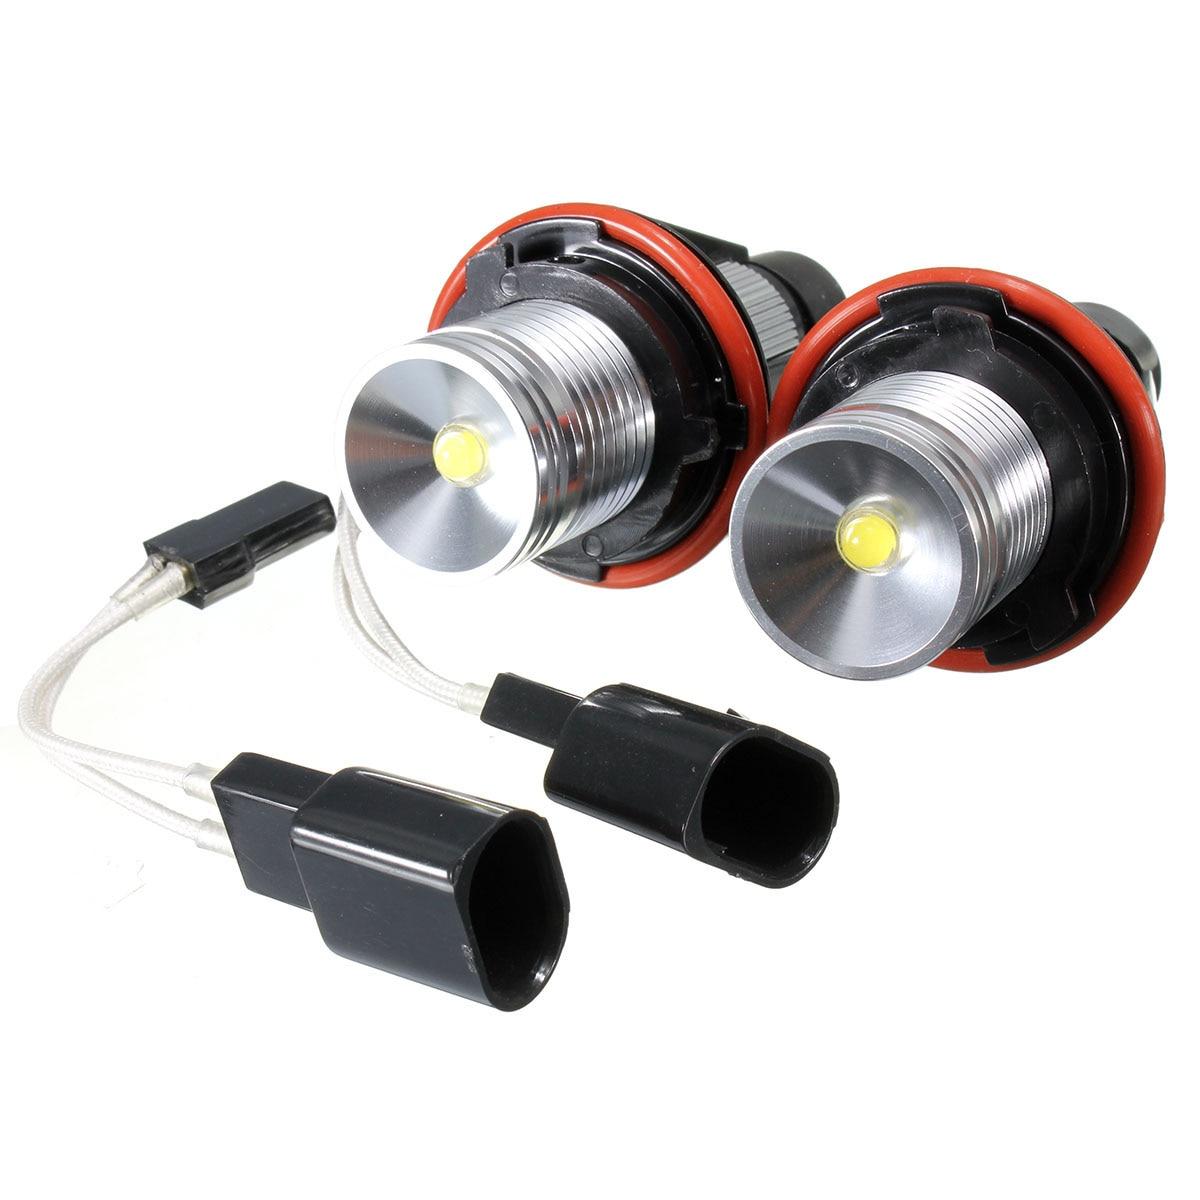 For BMV 10W Angel Eyes White Led Halo Ring Light Bulbs E39 E53 E60 E63 E64 E65